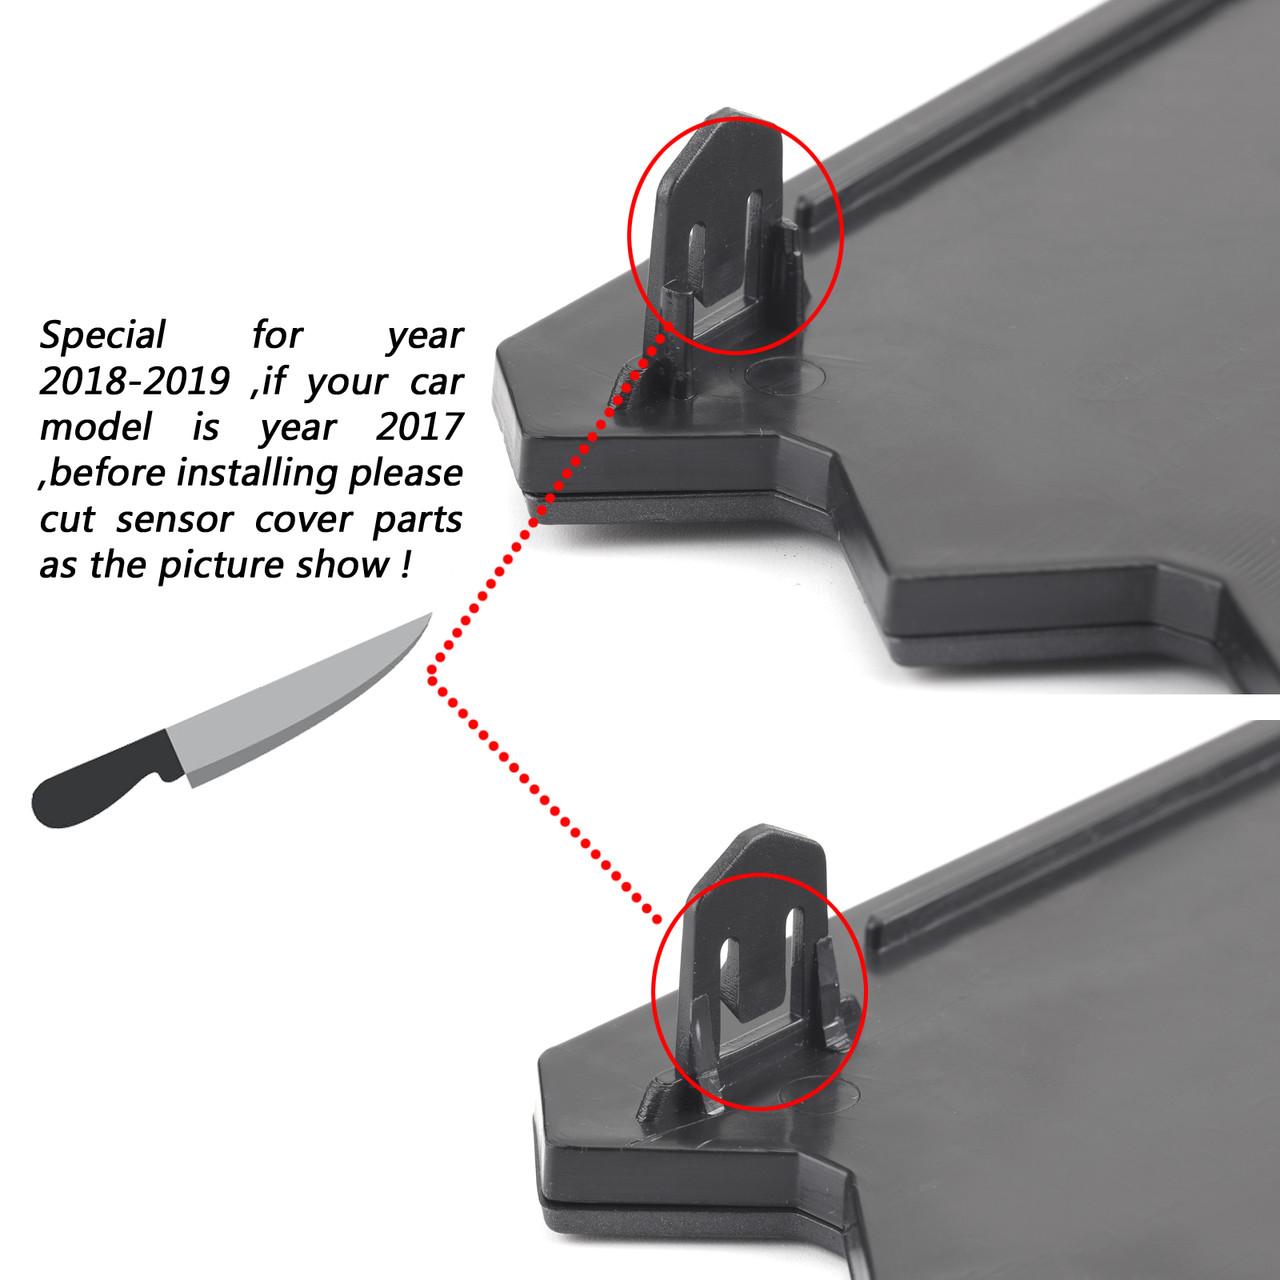 TRD Pro Grille + ACC DRCC Garnish Sensor Cover + LED Lights Fit for Tacoma 2016-2021